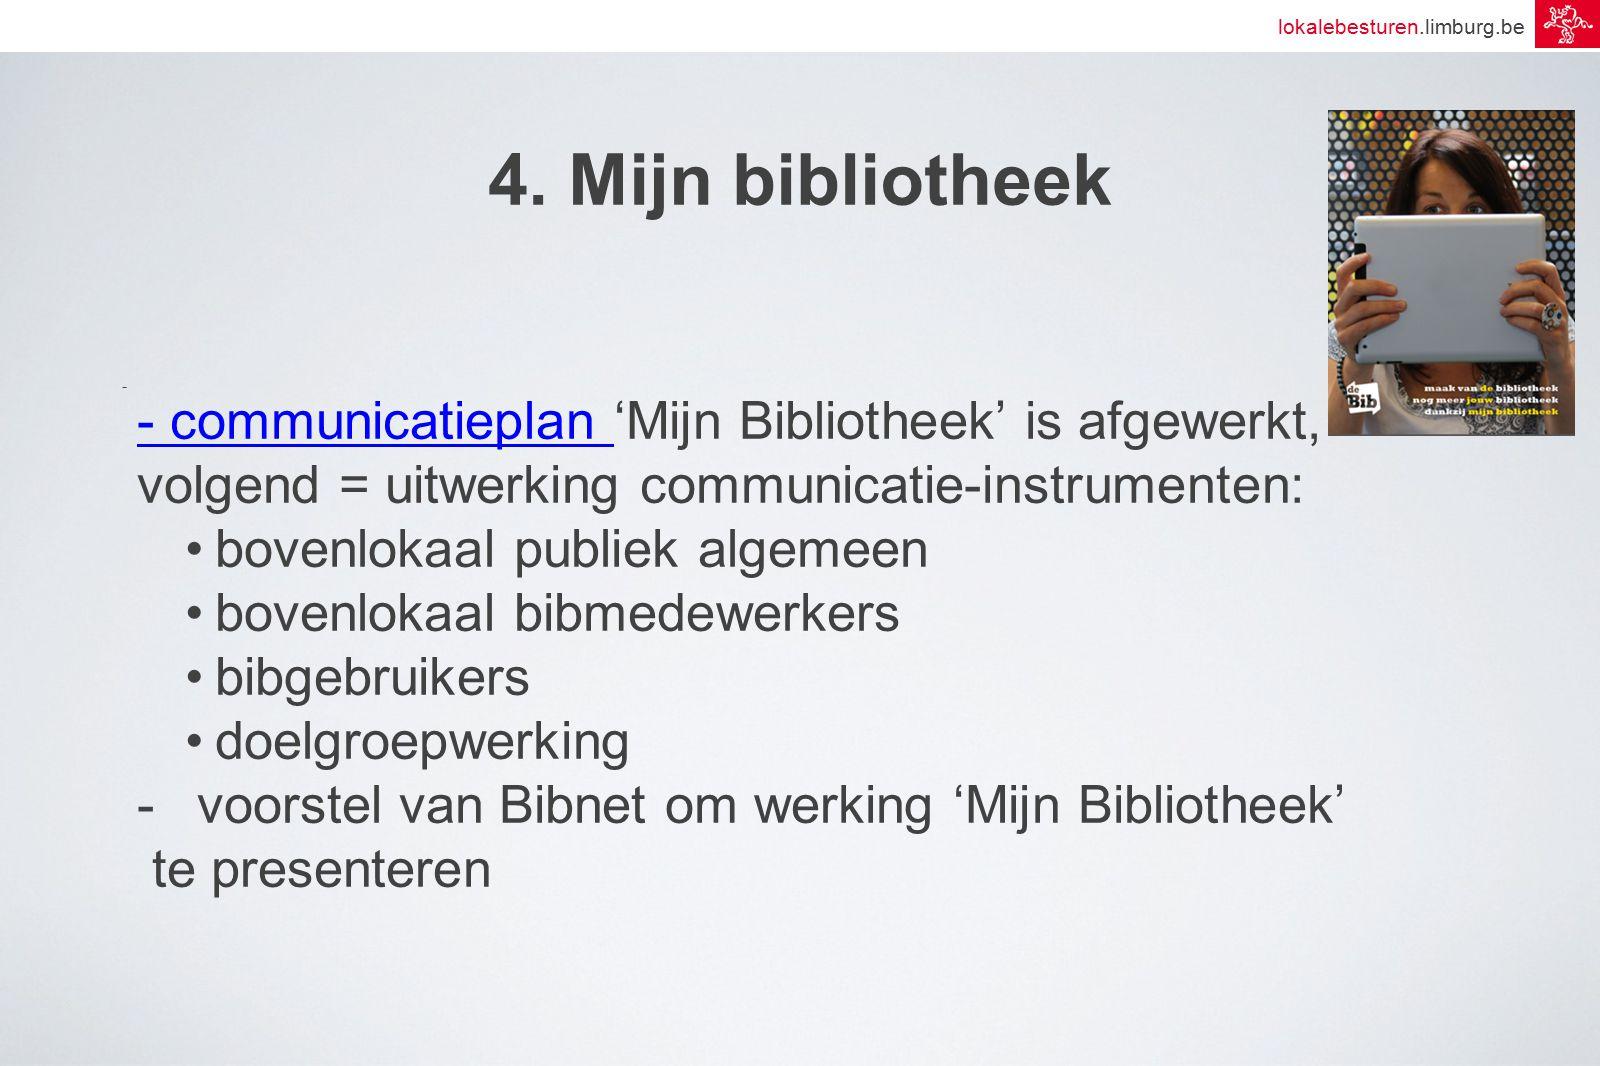 lokalebesturen.limburg.be 4. Mijn bibliotheek - - communicatieplan - communicatieplan 'Mijn Bibliotheek' is afgewerkt, volgend = uitwerking communicat